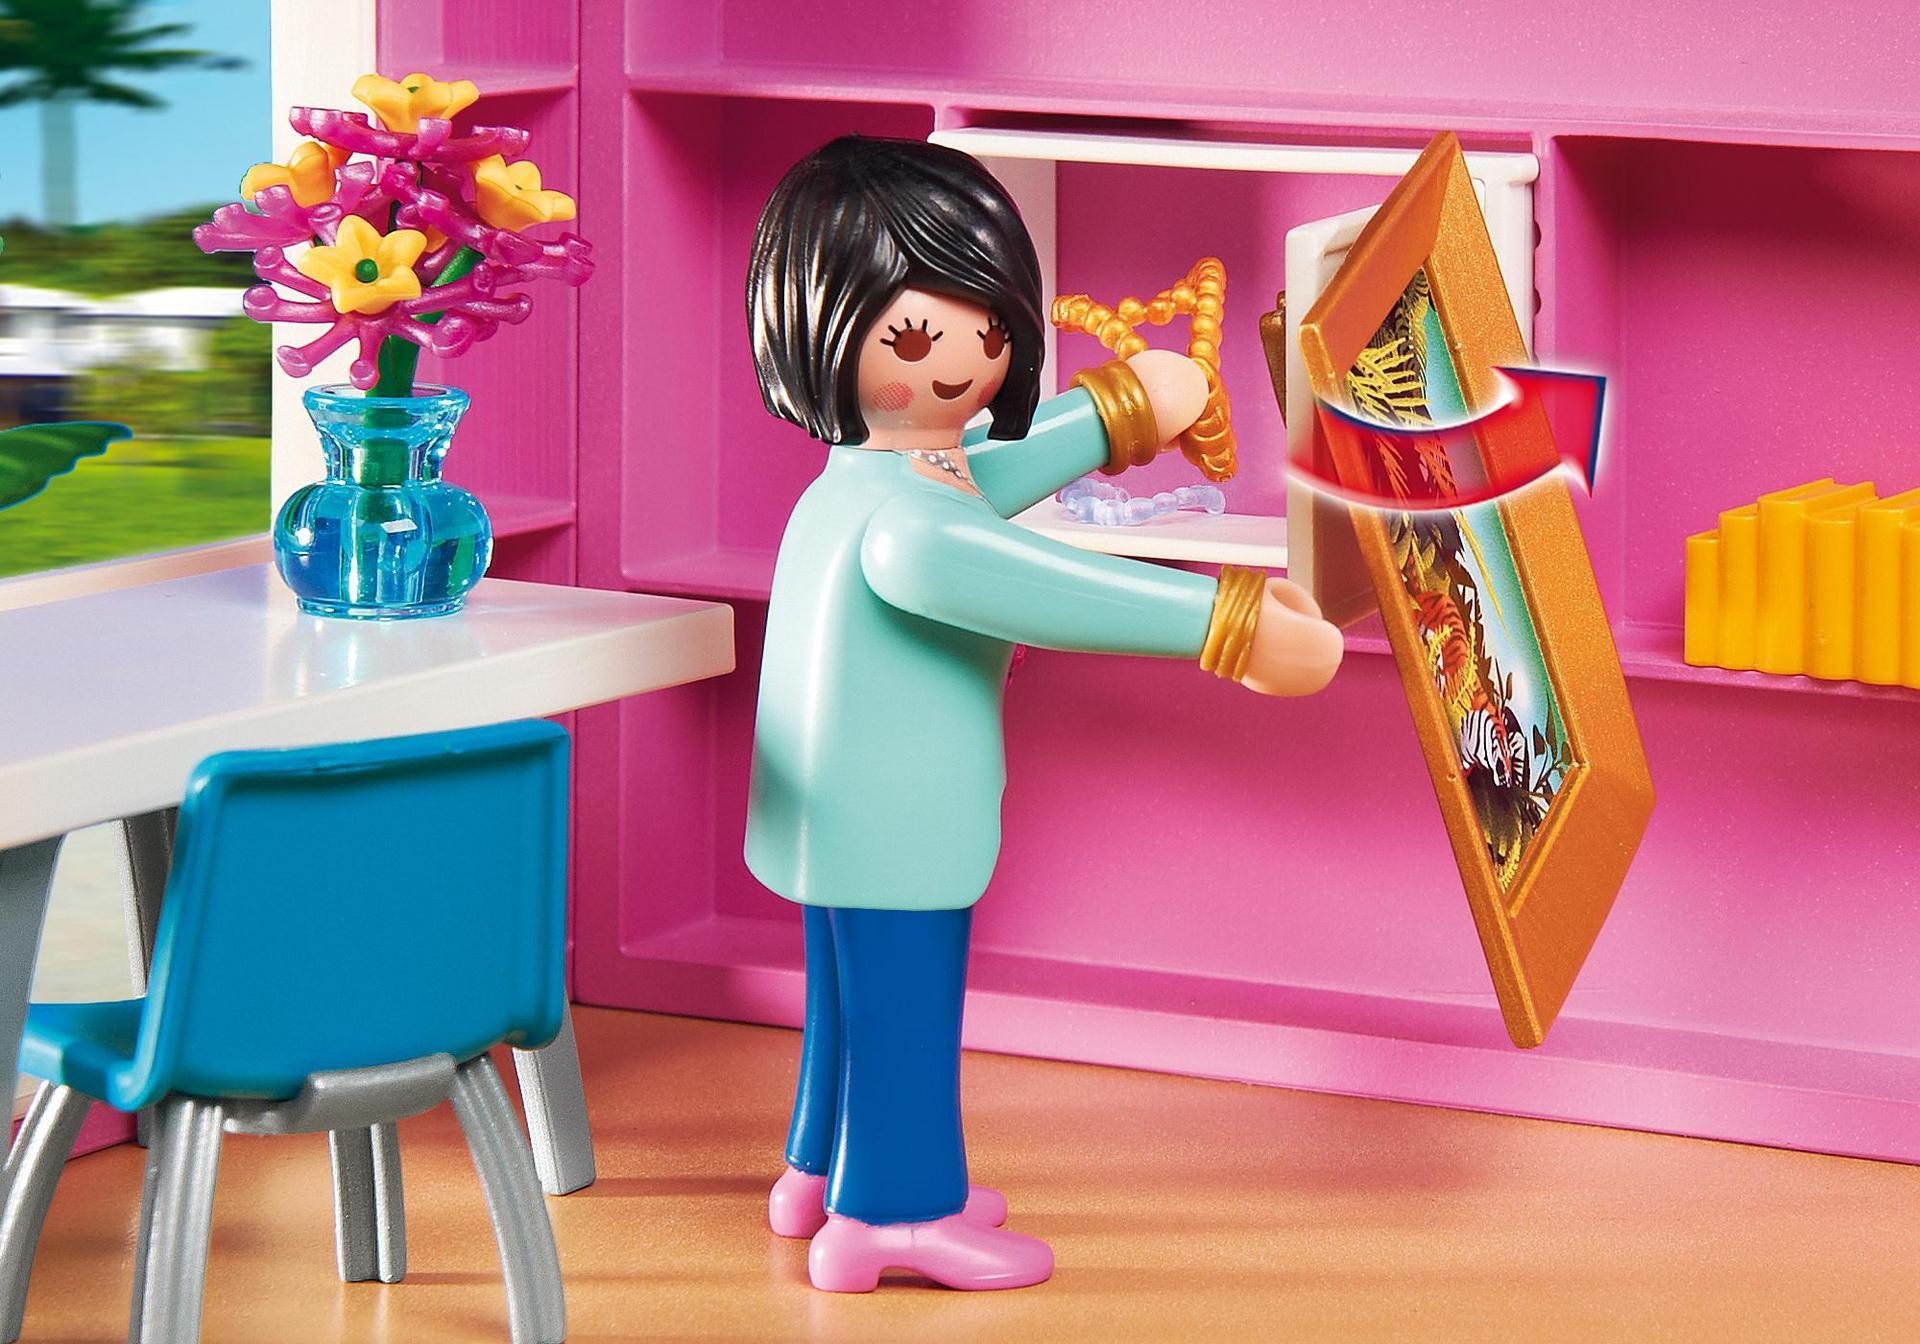 Maison moderne 5574 playmobil france for Agrandissement maison moderne playmobil